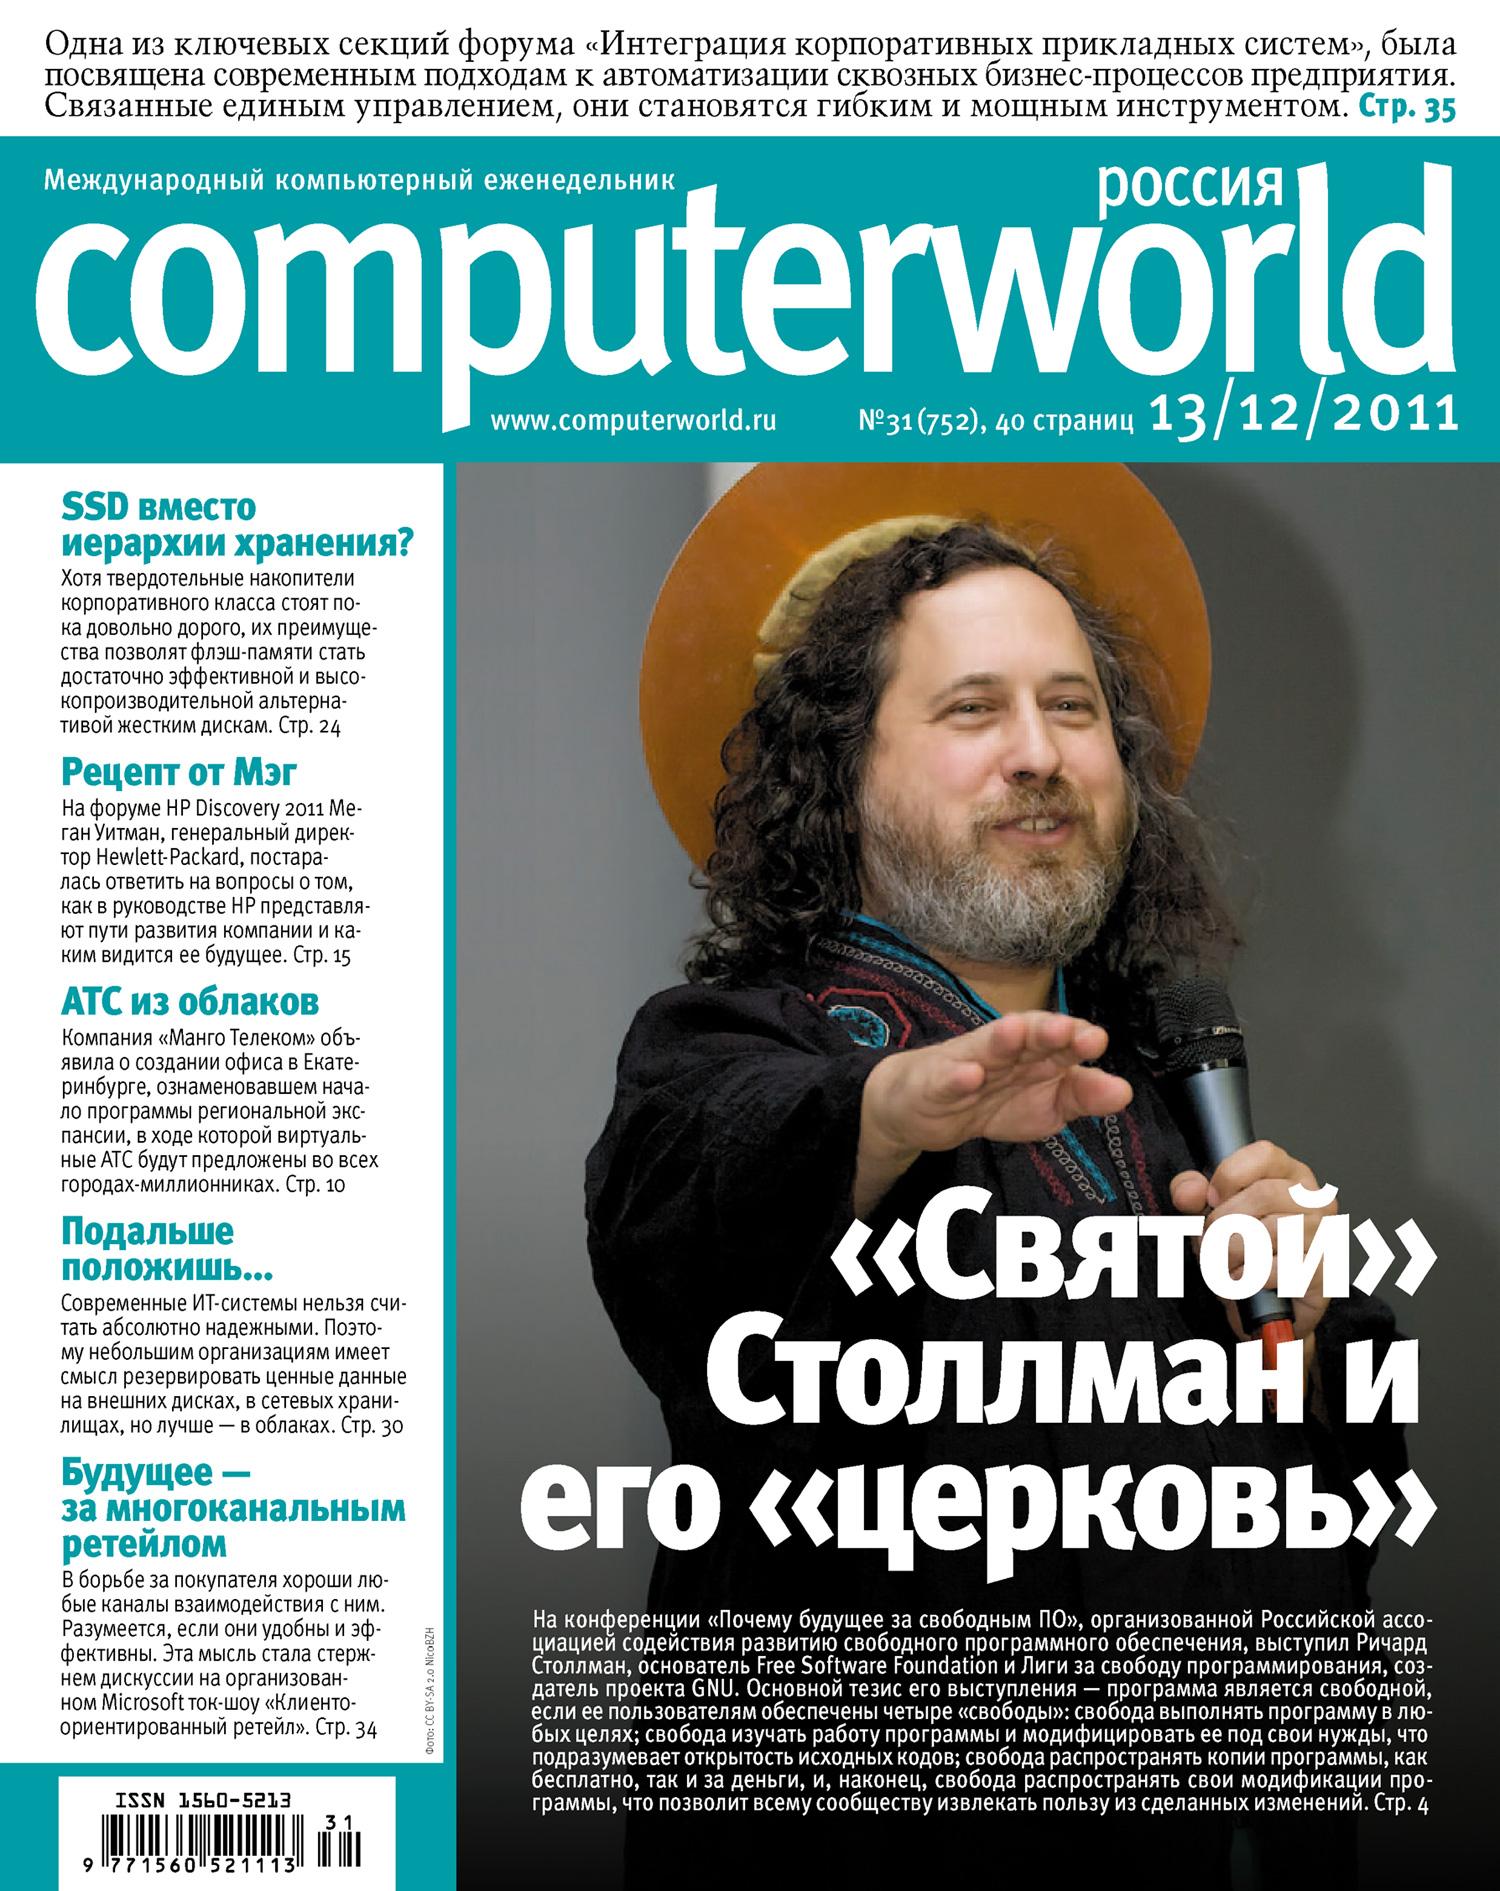 Открытые системы Журнал Computerworld Россия №31/2011 атс